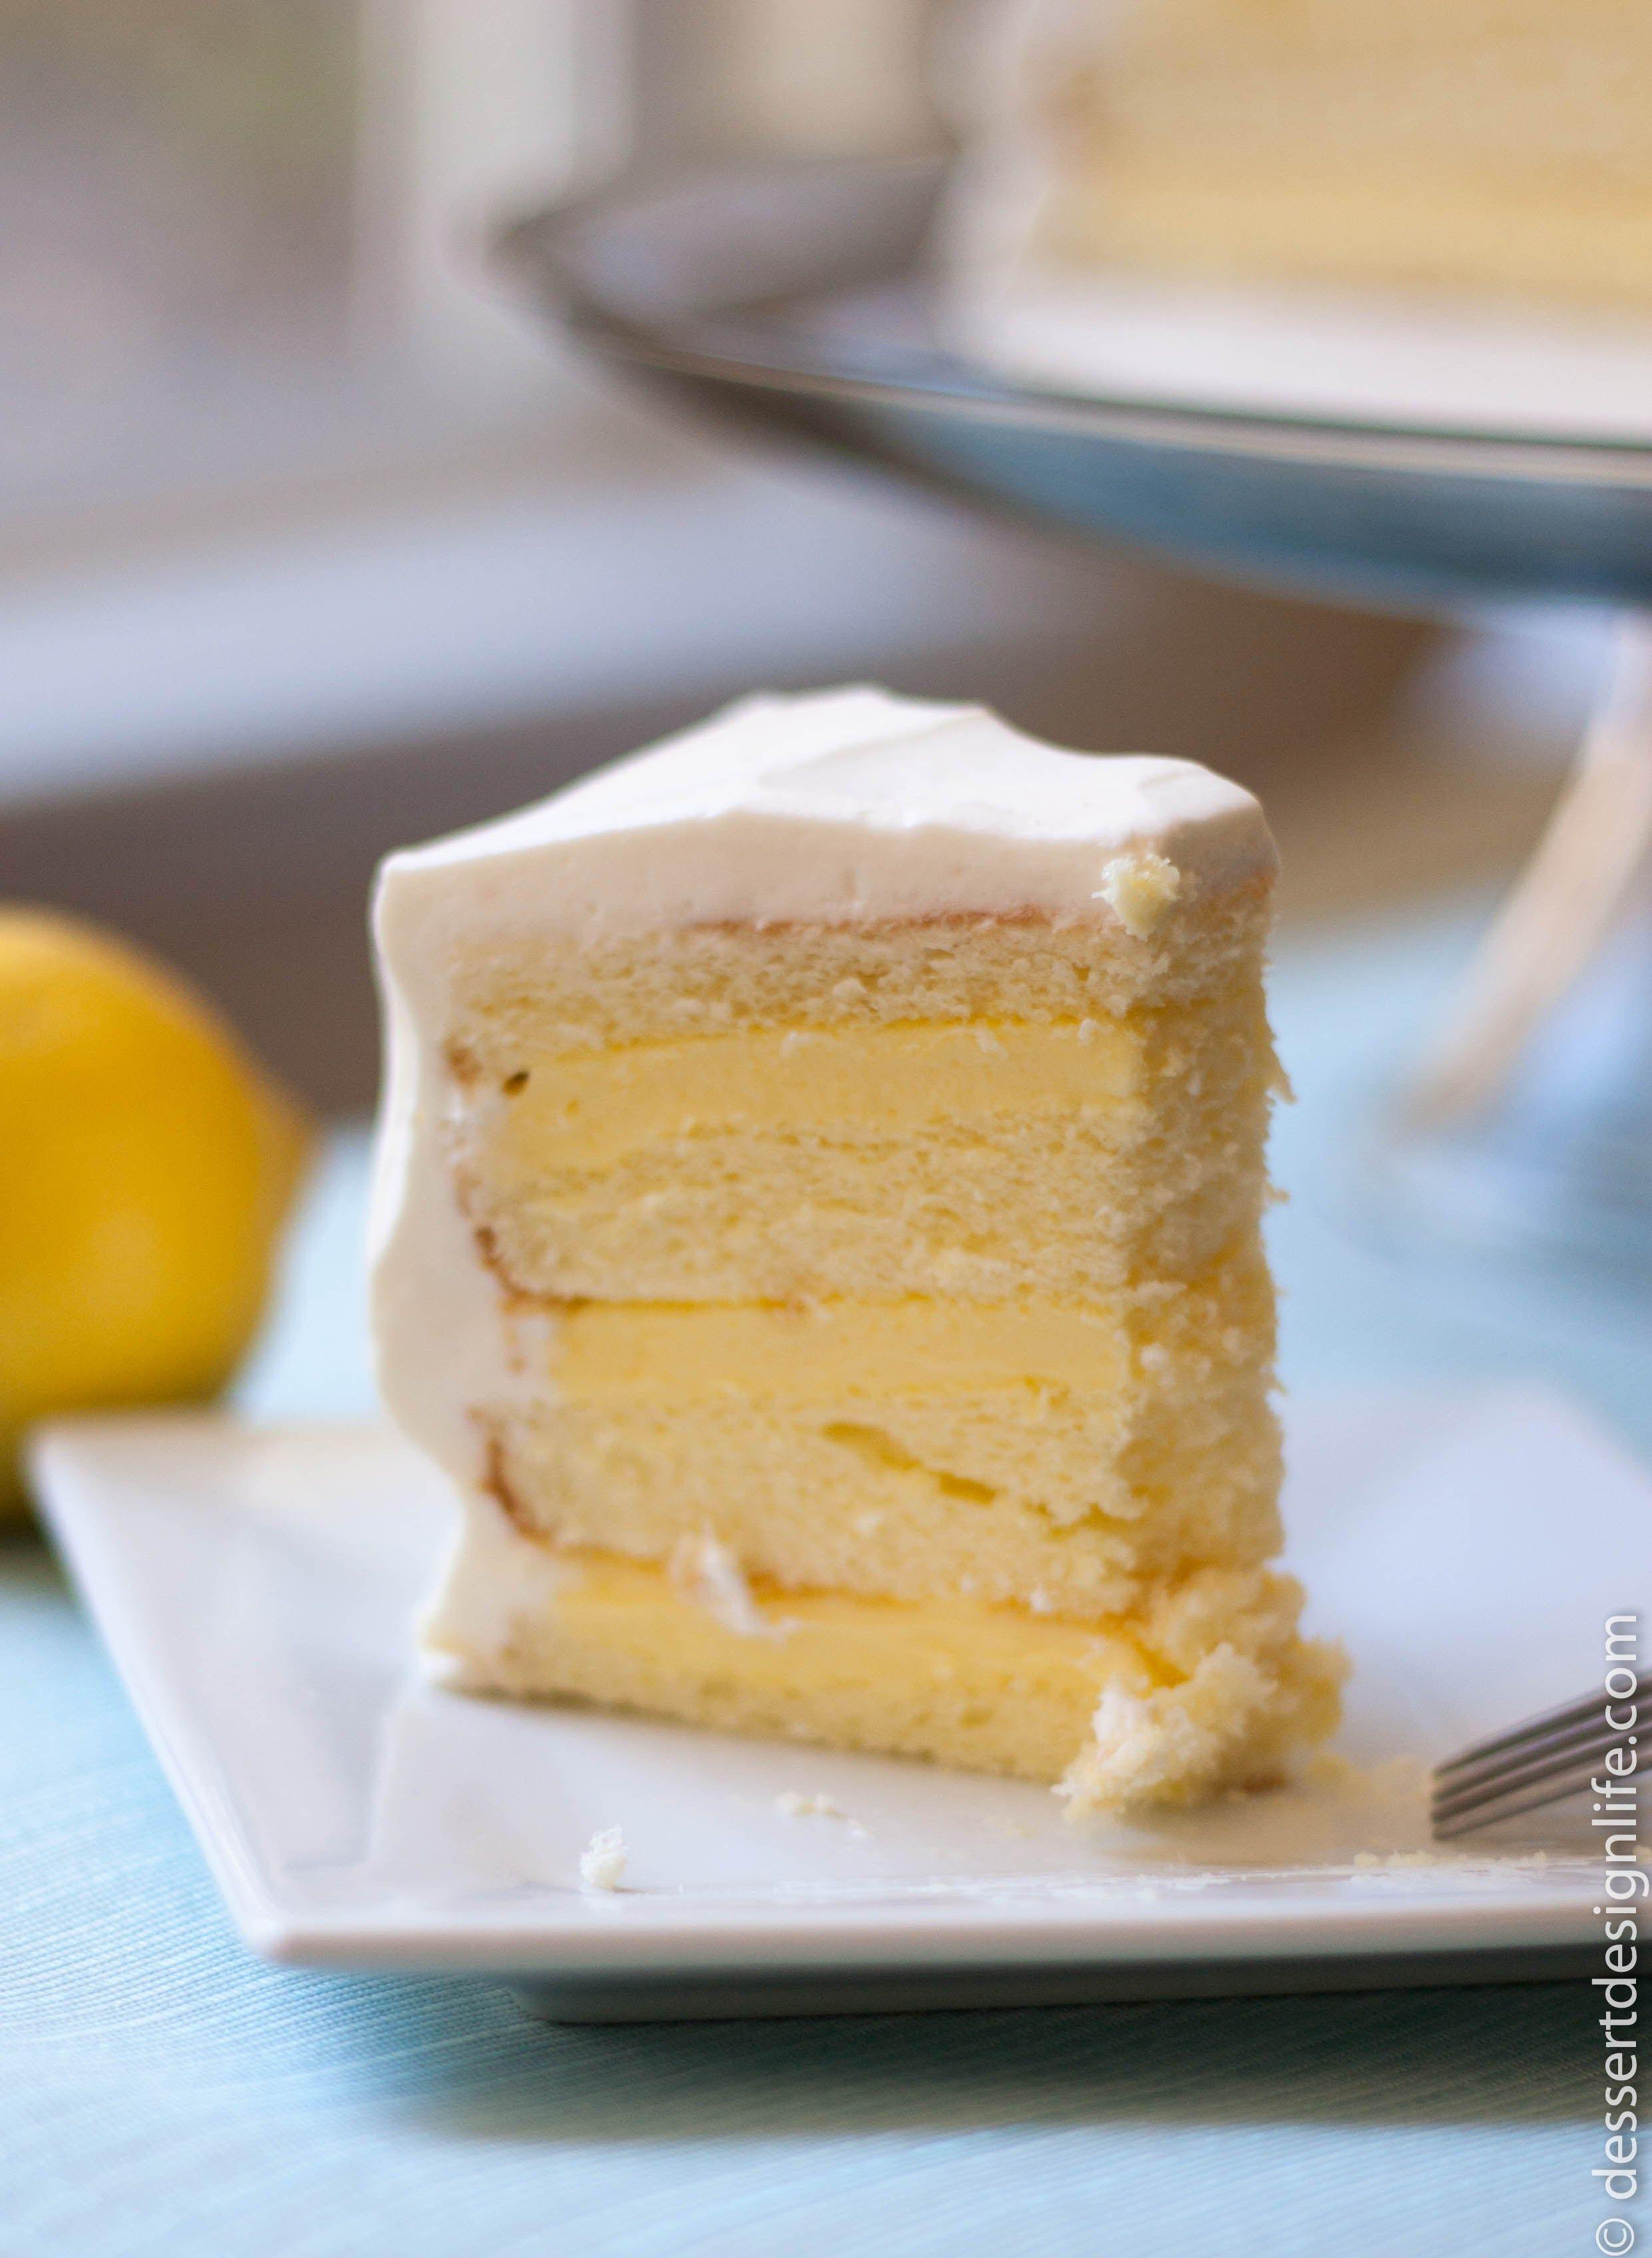 Copycat costco white cake recipe | cake in 2018 | Pinterest | White ...